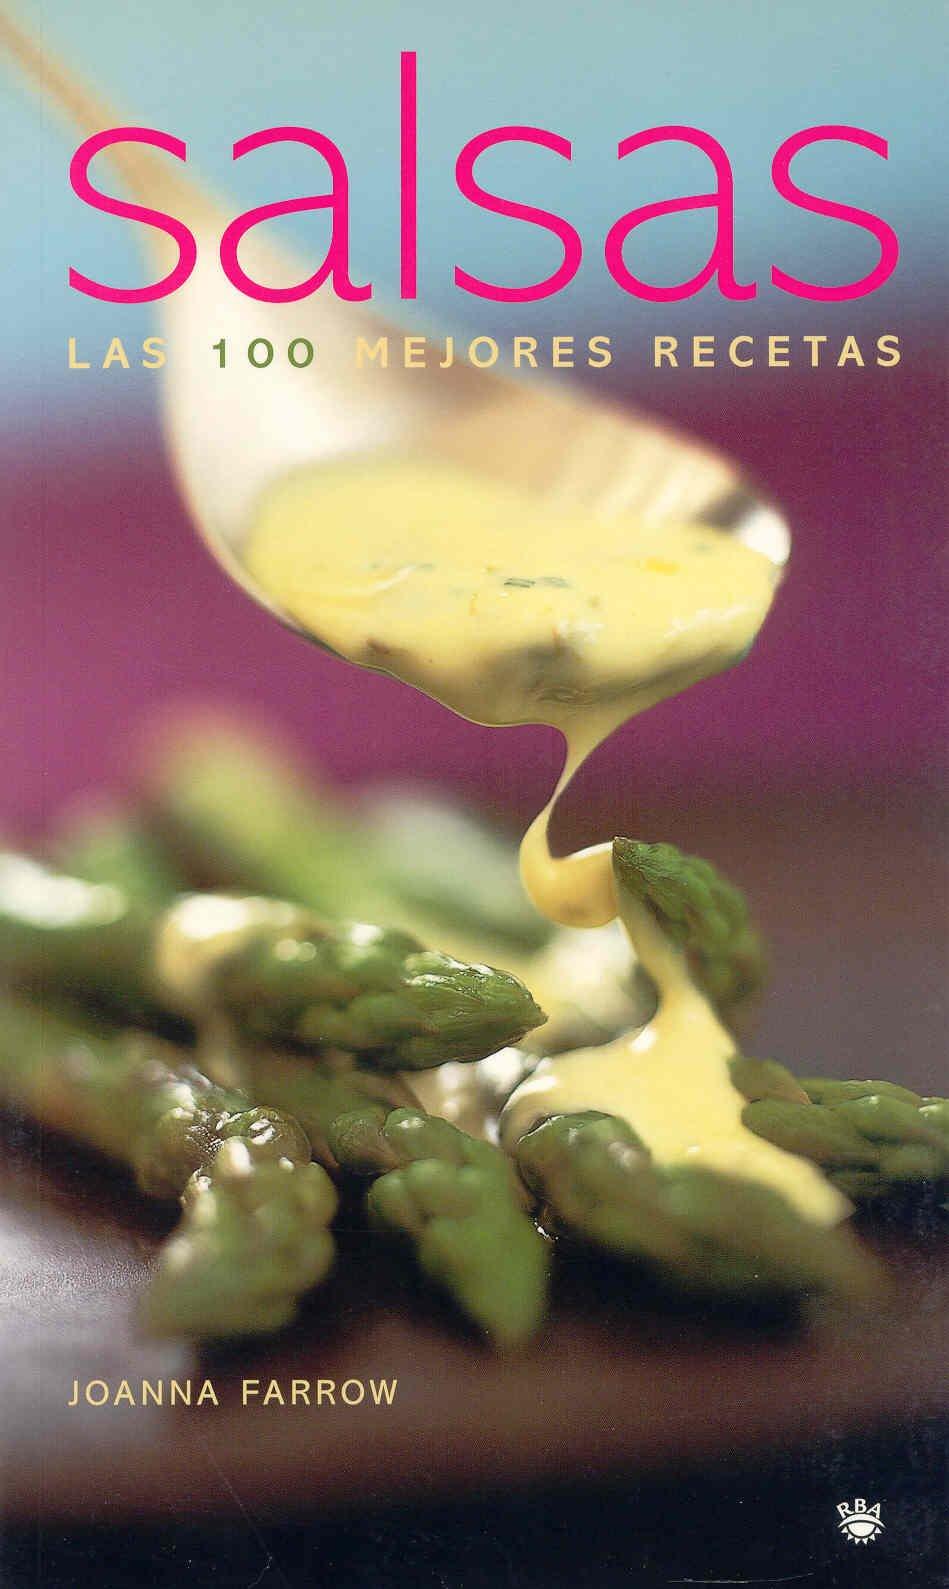 Salsas (OTROS GASTRONOMIA): Amazon.es: Joanna Farrow, ANTONIA TORRES BAUCA: Libros